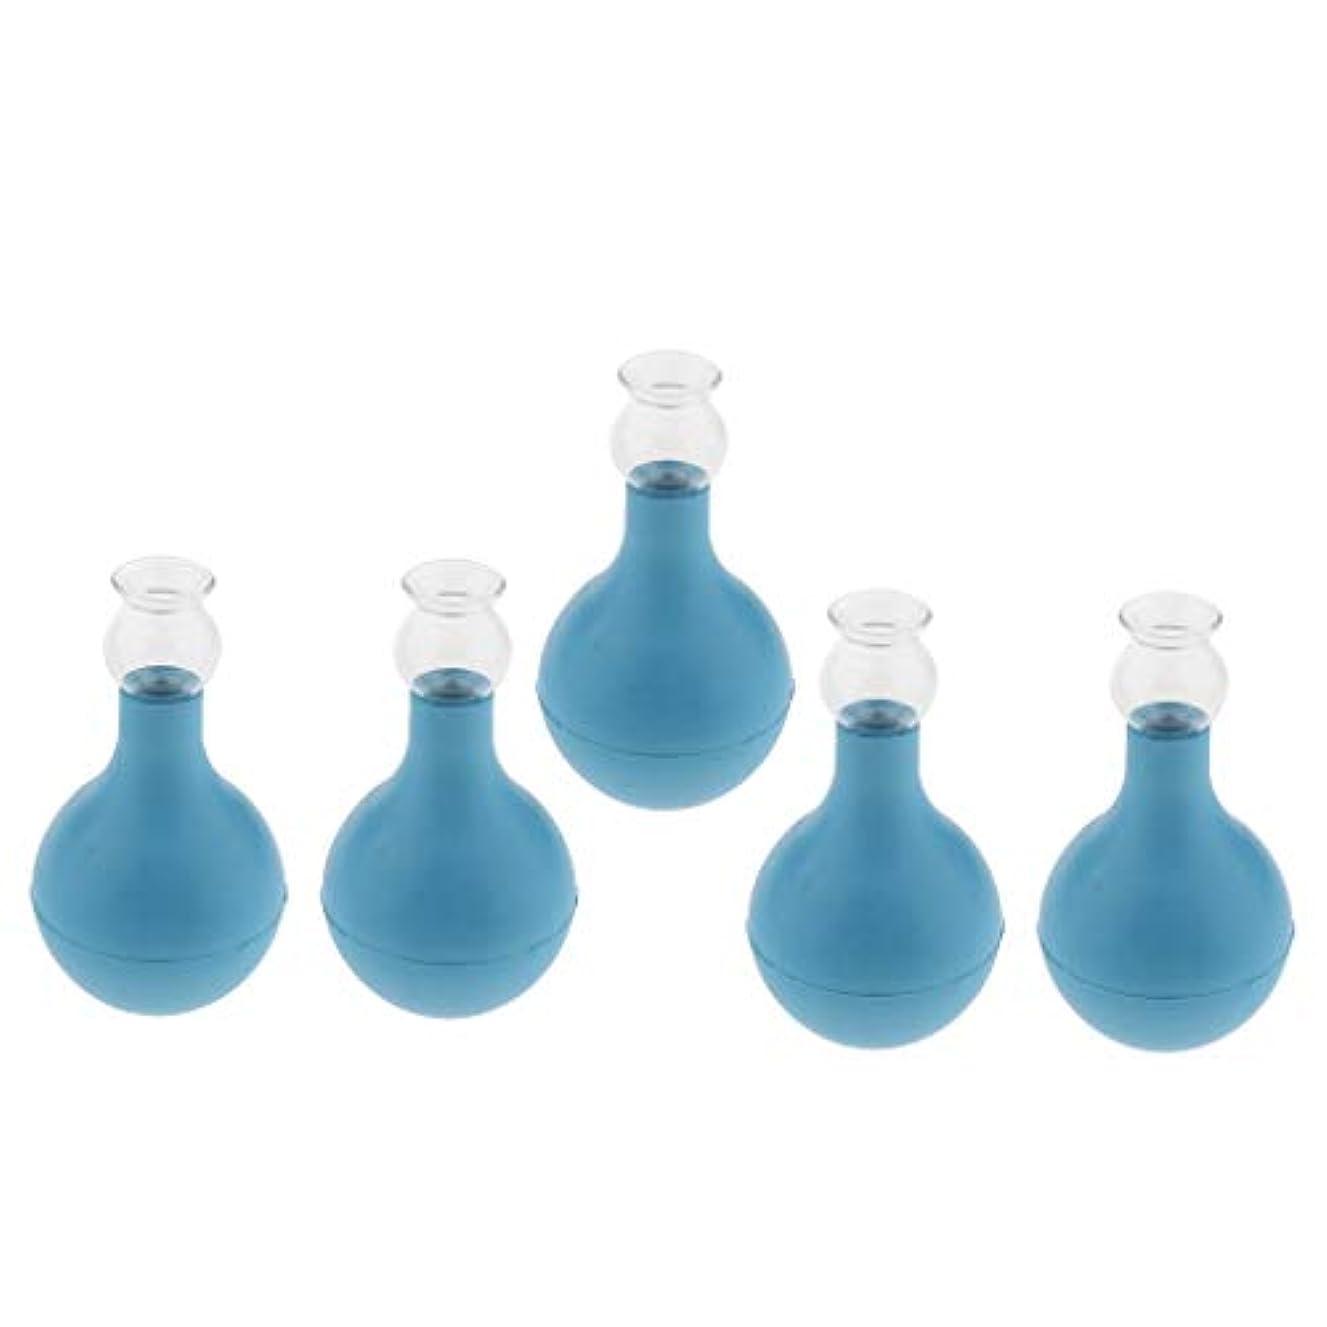 スクラップ経過ジャーナルシリコン カッピング 吸い玉 落ちやすい 5個セット 吸引力 抗セルライト 腫脹緩和 2サイズ選ぶ - ブルー+ブルー3cm, 3cm